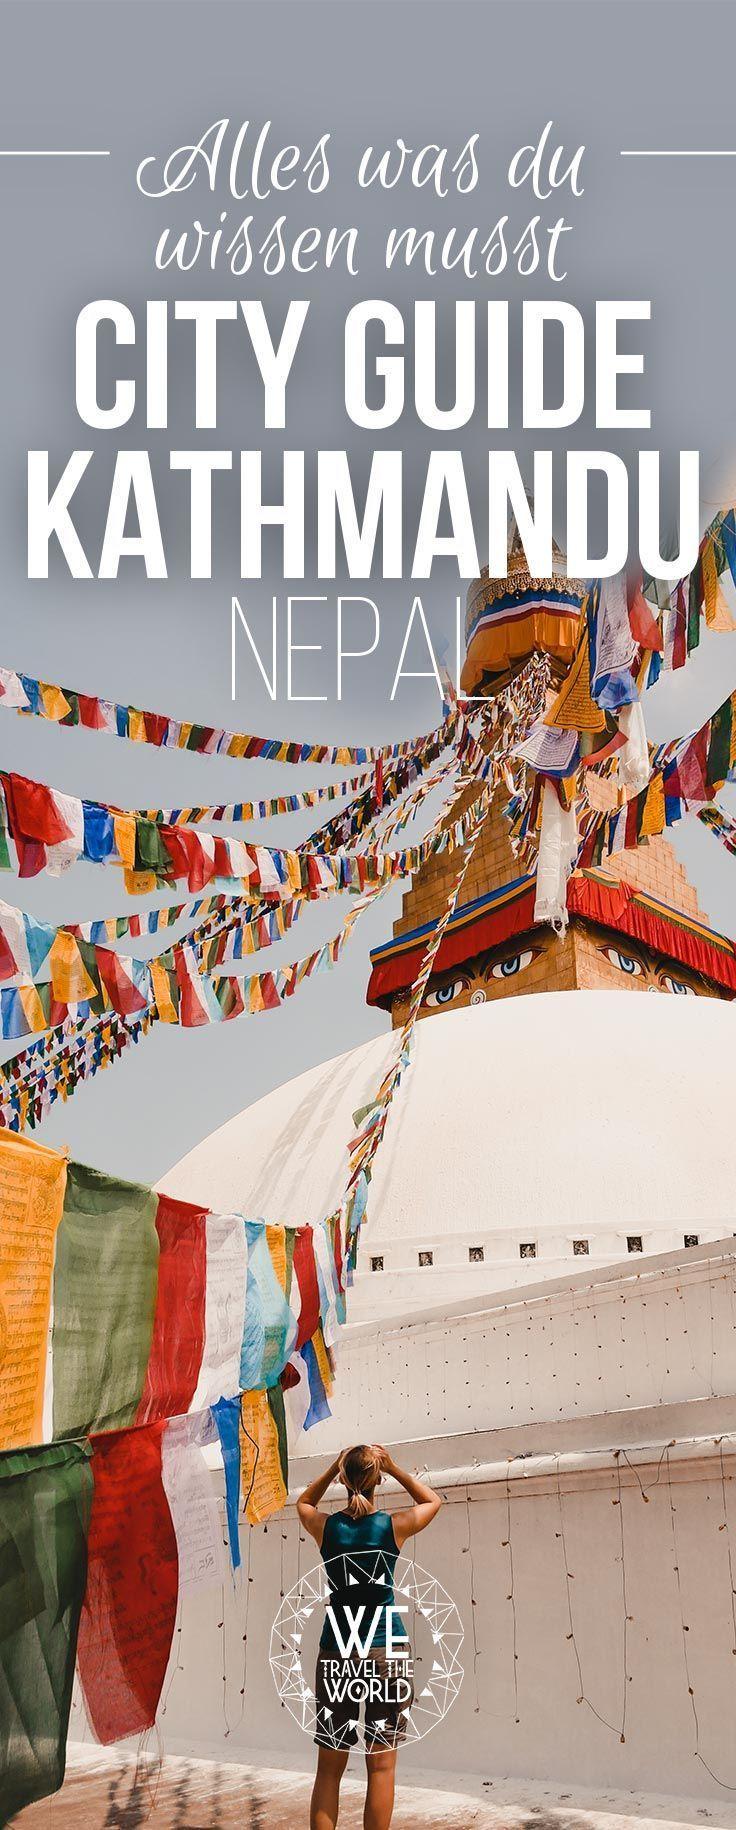 Der ultimative Kathmandu City Guide 11 Sehenswürdigkeiten, die du nicht verpassen darfst [+ Hotels & Restaurants] is part of Der Ultimative Kathmandu City Guide  Sehenswurdigkeiten - Der ultimative City Guide mit allen Kathmandu Sehenswürdigkeiten, Highlights & Reisetipps für 3 Tage, inklusive schönen Hotels, guten Restaurants & Touren